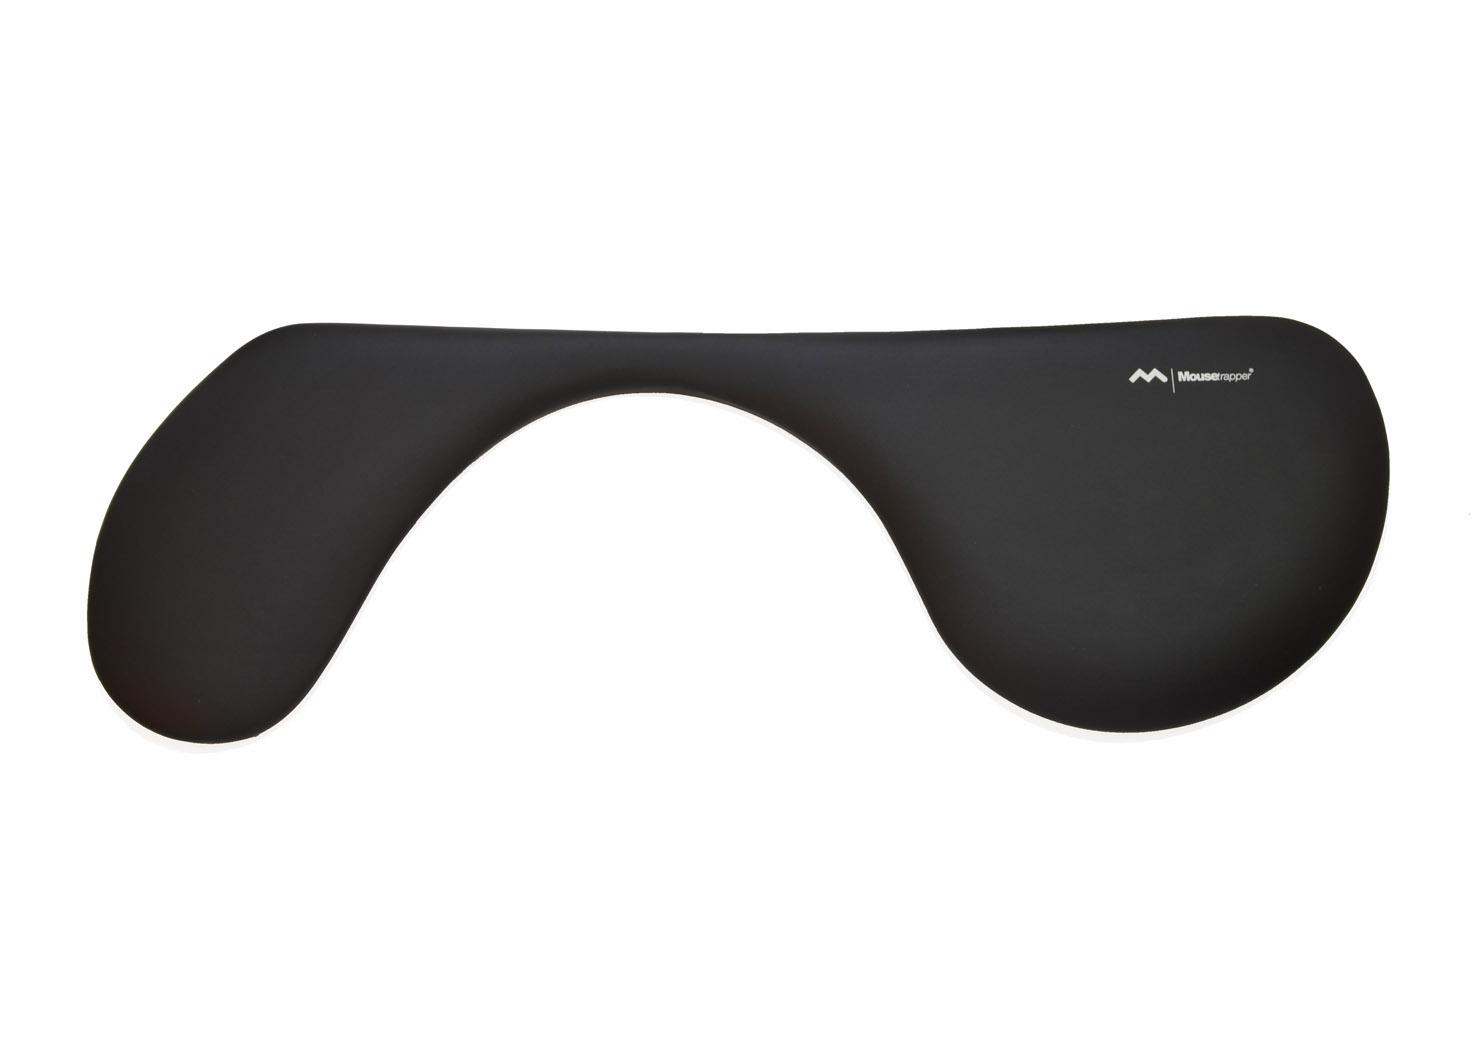 Billede af Mousetrapper wristsupport til Advance, Lite & Prime, sort